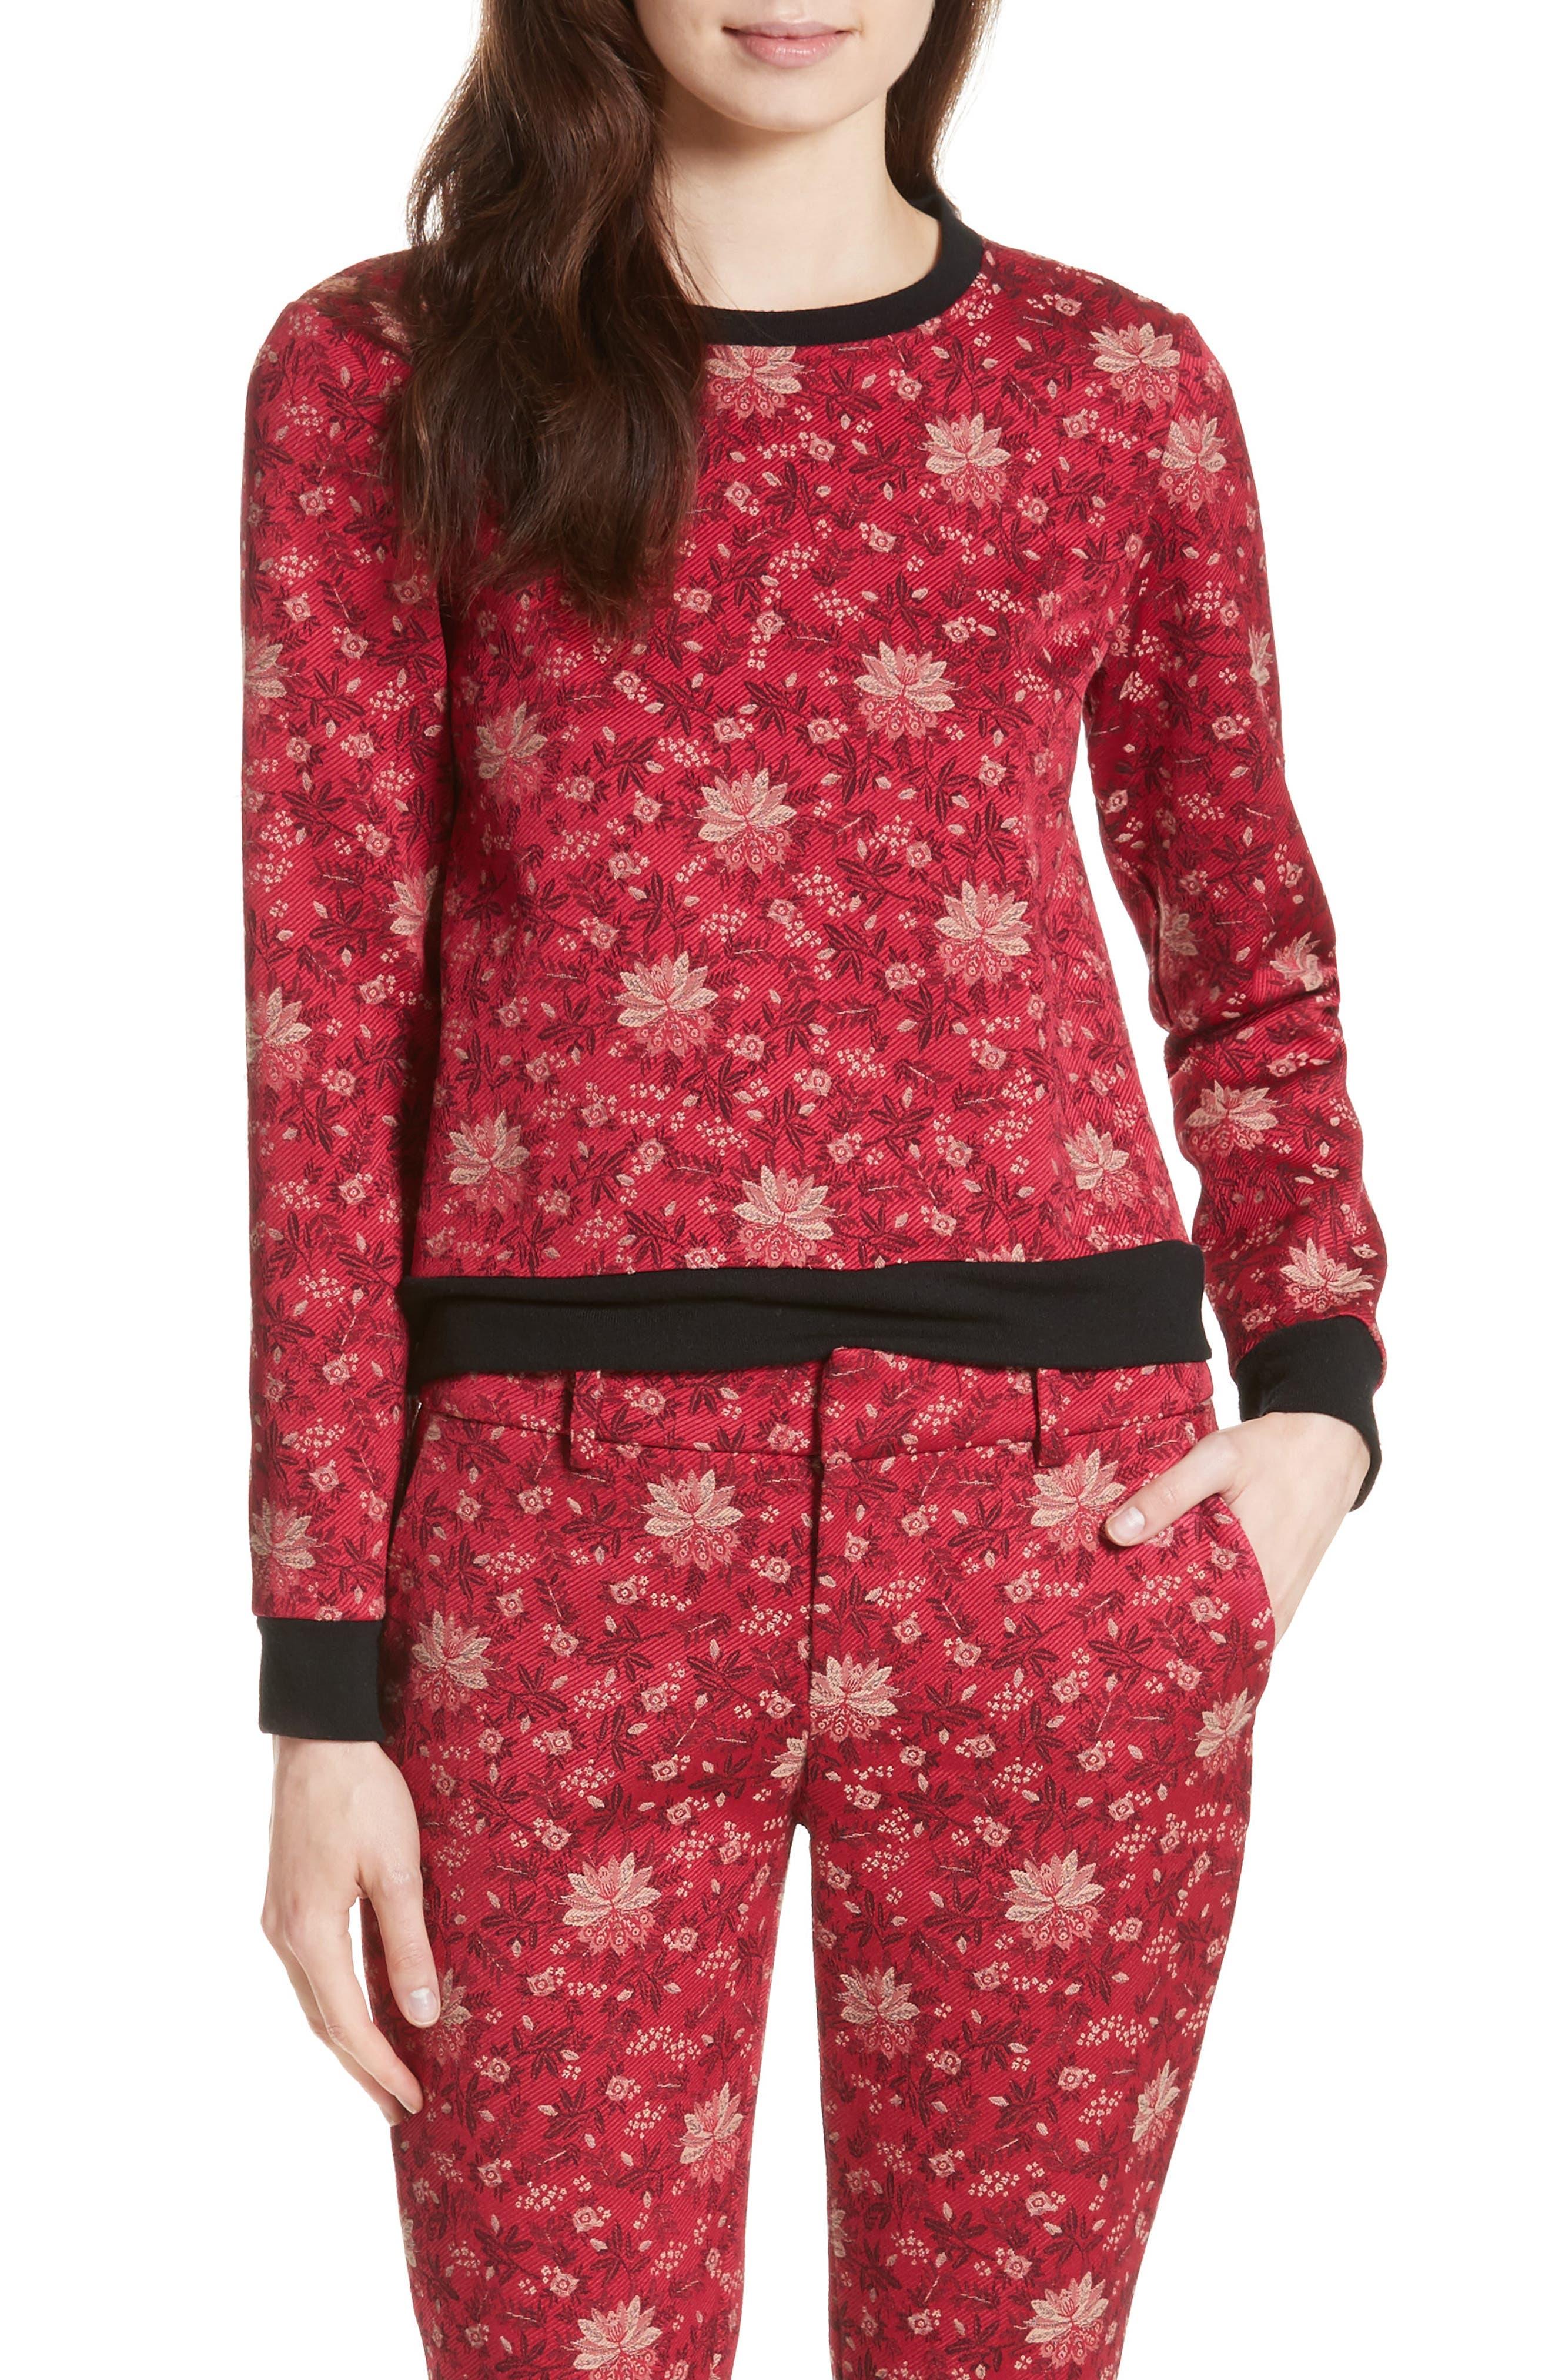 Marylou Floral Jacquard Sweatshirt,                         Main,                         color, Fuchsia